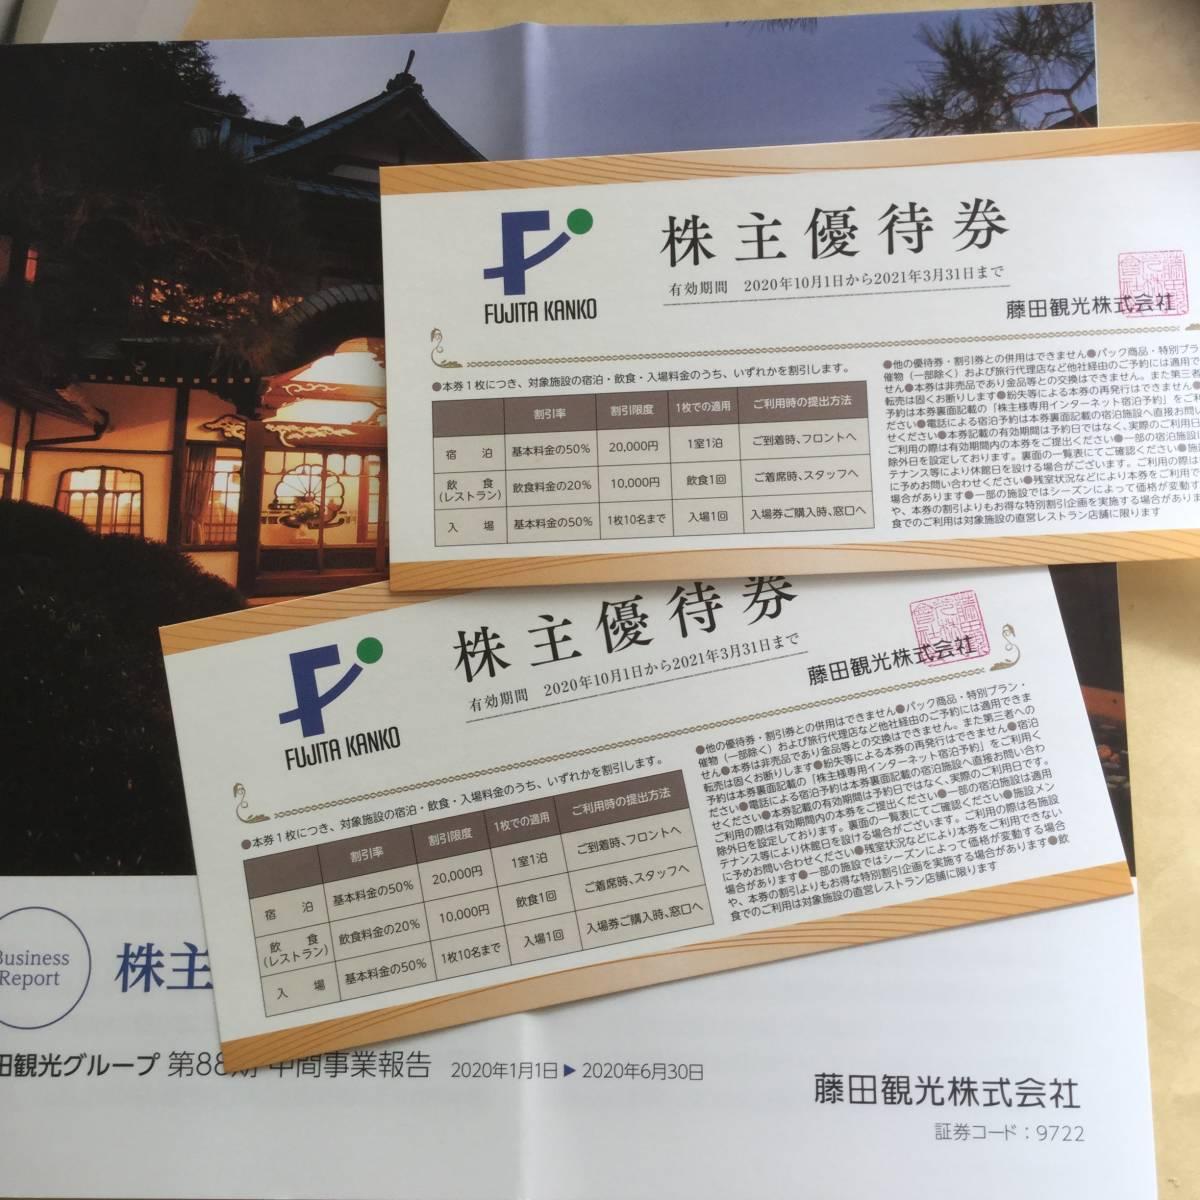 藤田観光 株主優待券 宿泊 飲食 入場 割引券 1枚~4枚 ■■■■ 2021.3.31_今月末日まで有効